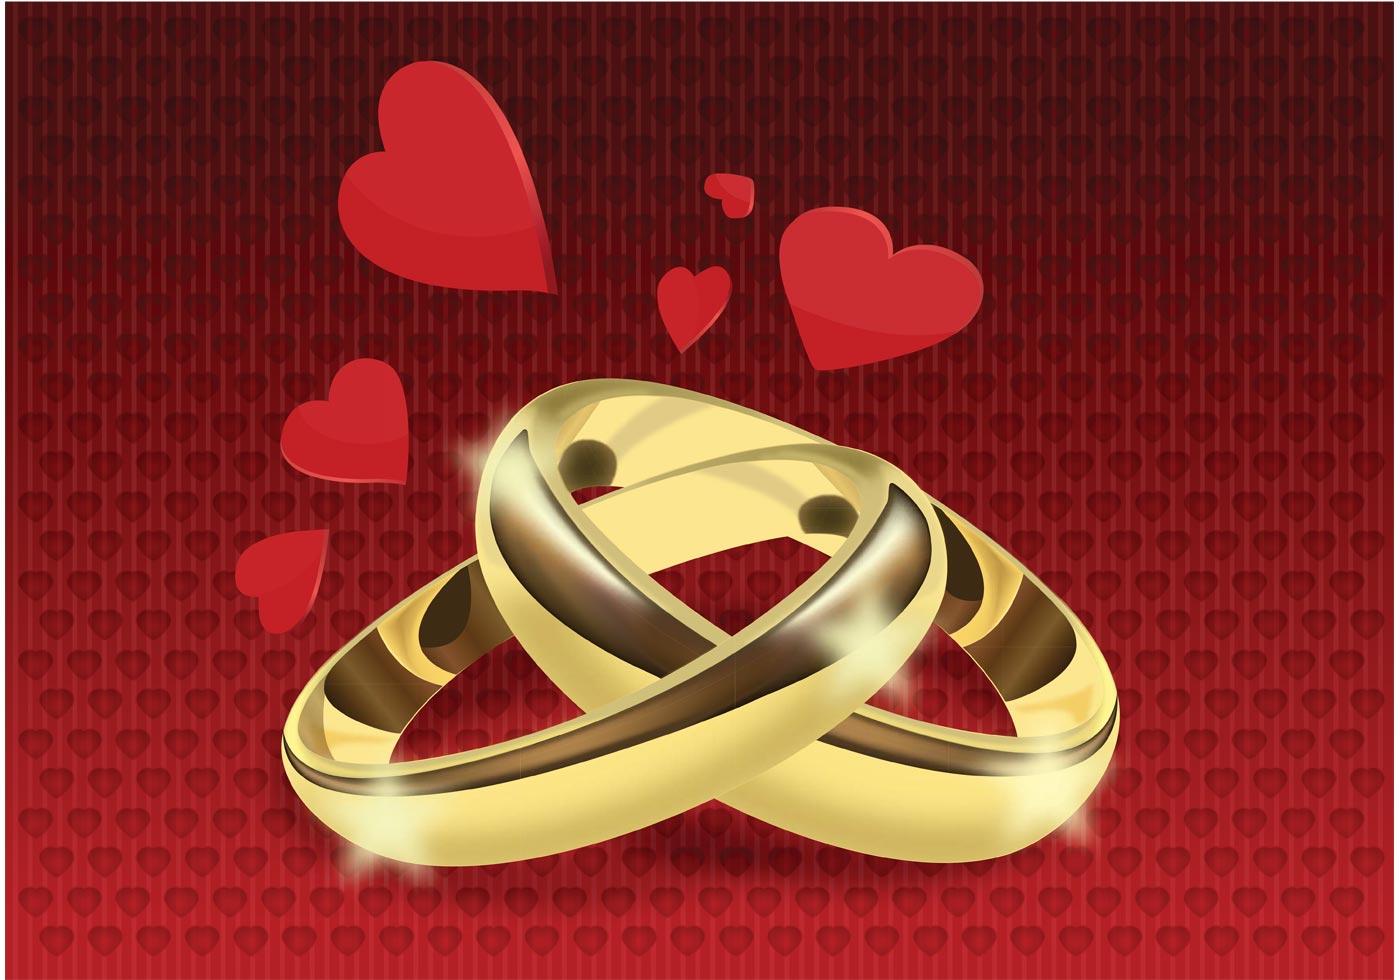 Wedding Rings Vector - Download Free Vector Art, Stock ...